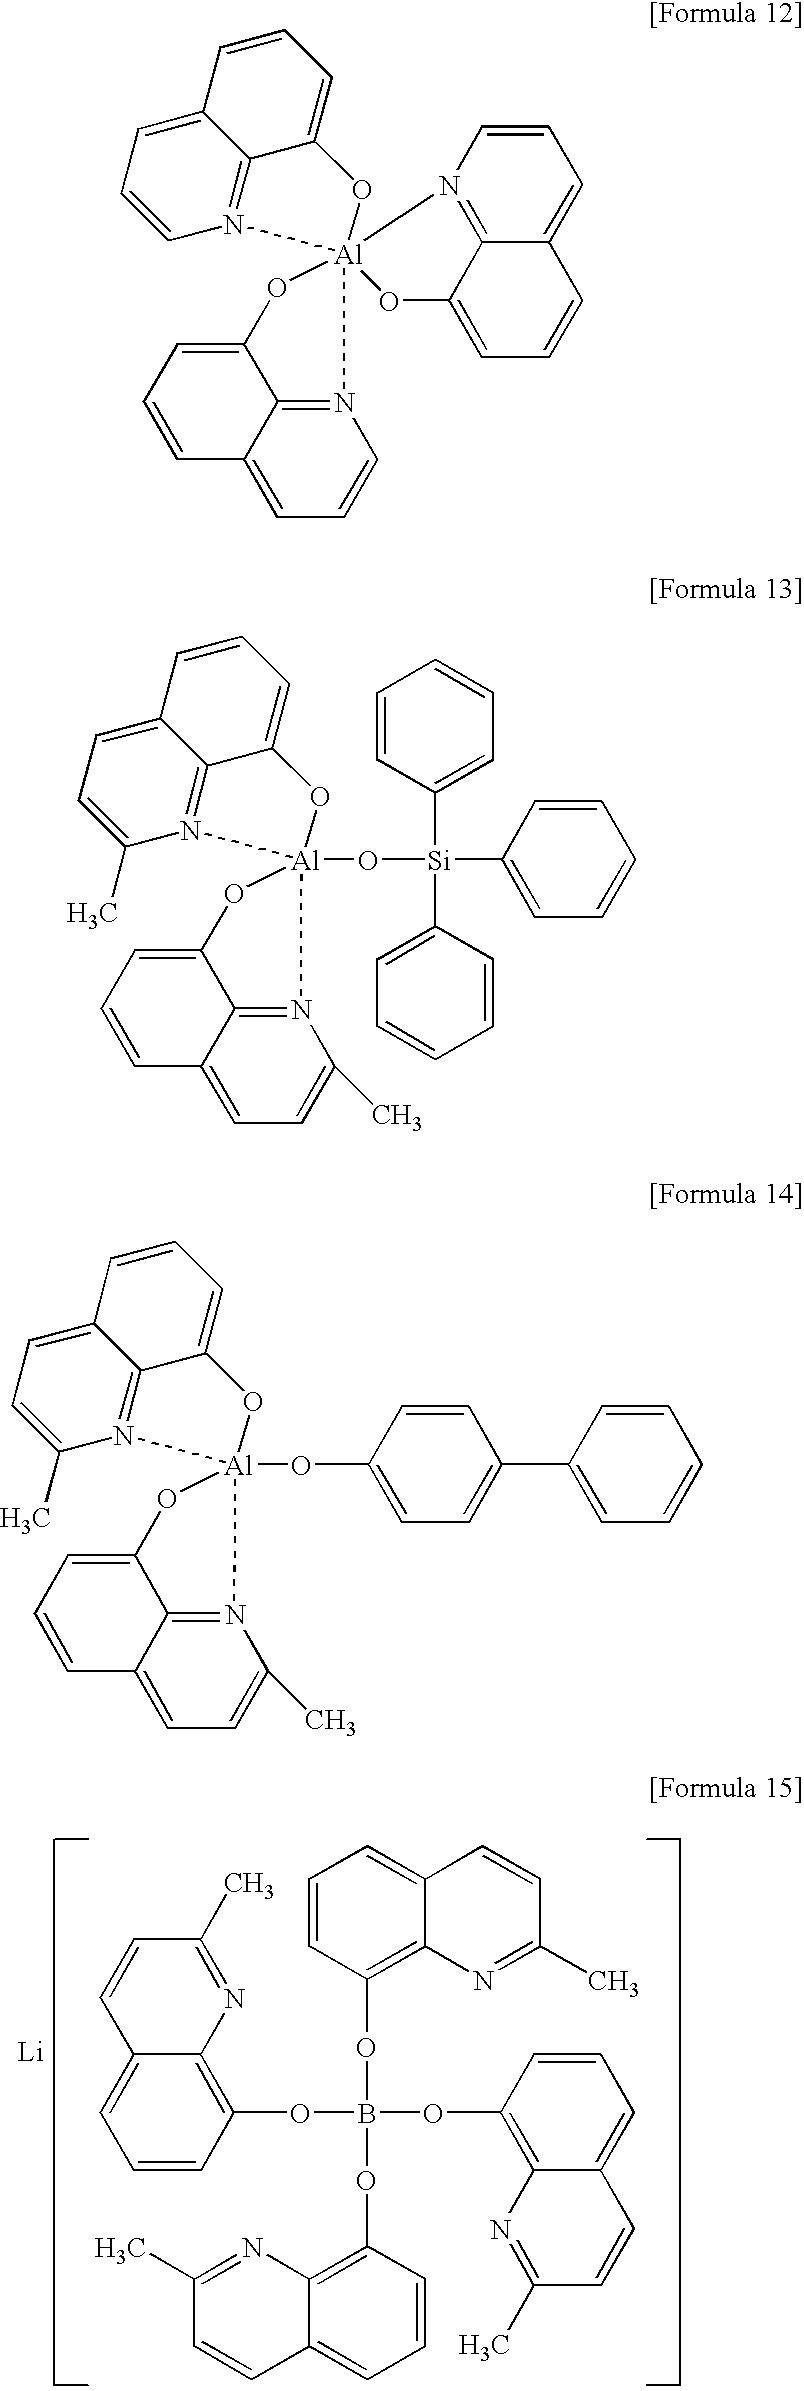 Figure US20040124425A1-20040701-C00005